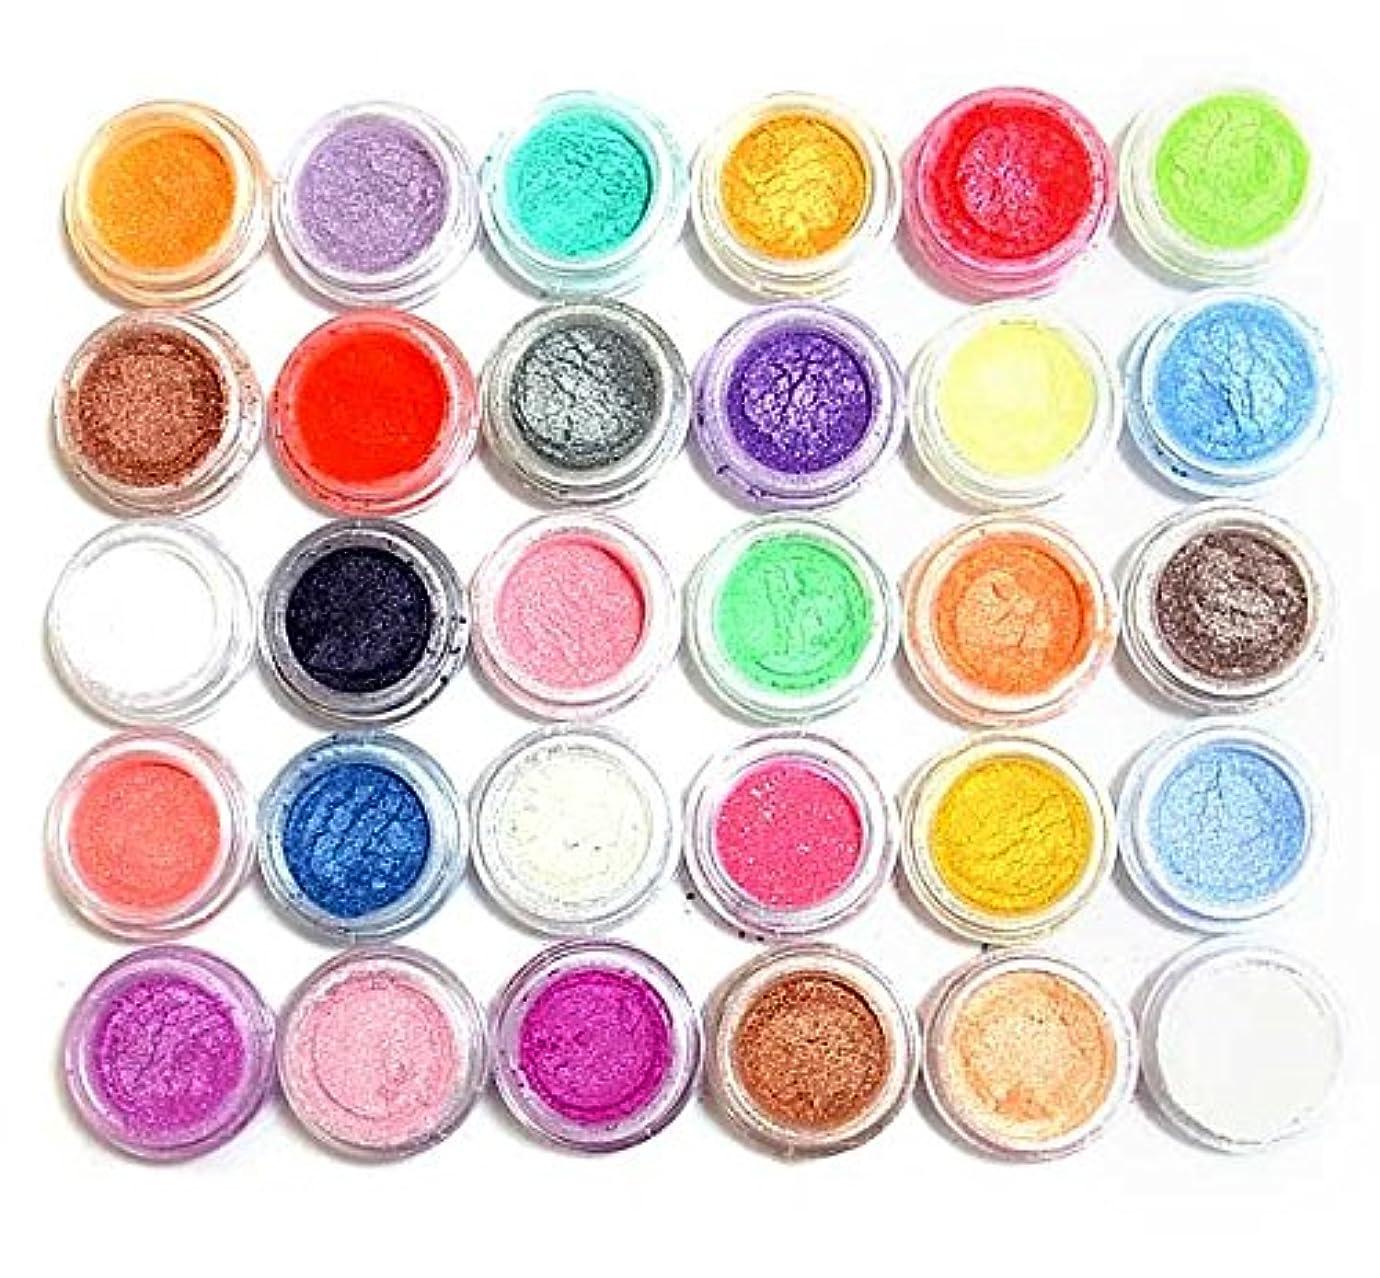 クランプネクタイコロニー【新色】カラーパウダー顔料30色セット?クリアジェルに混ぜてパールカラージェルに!